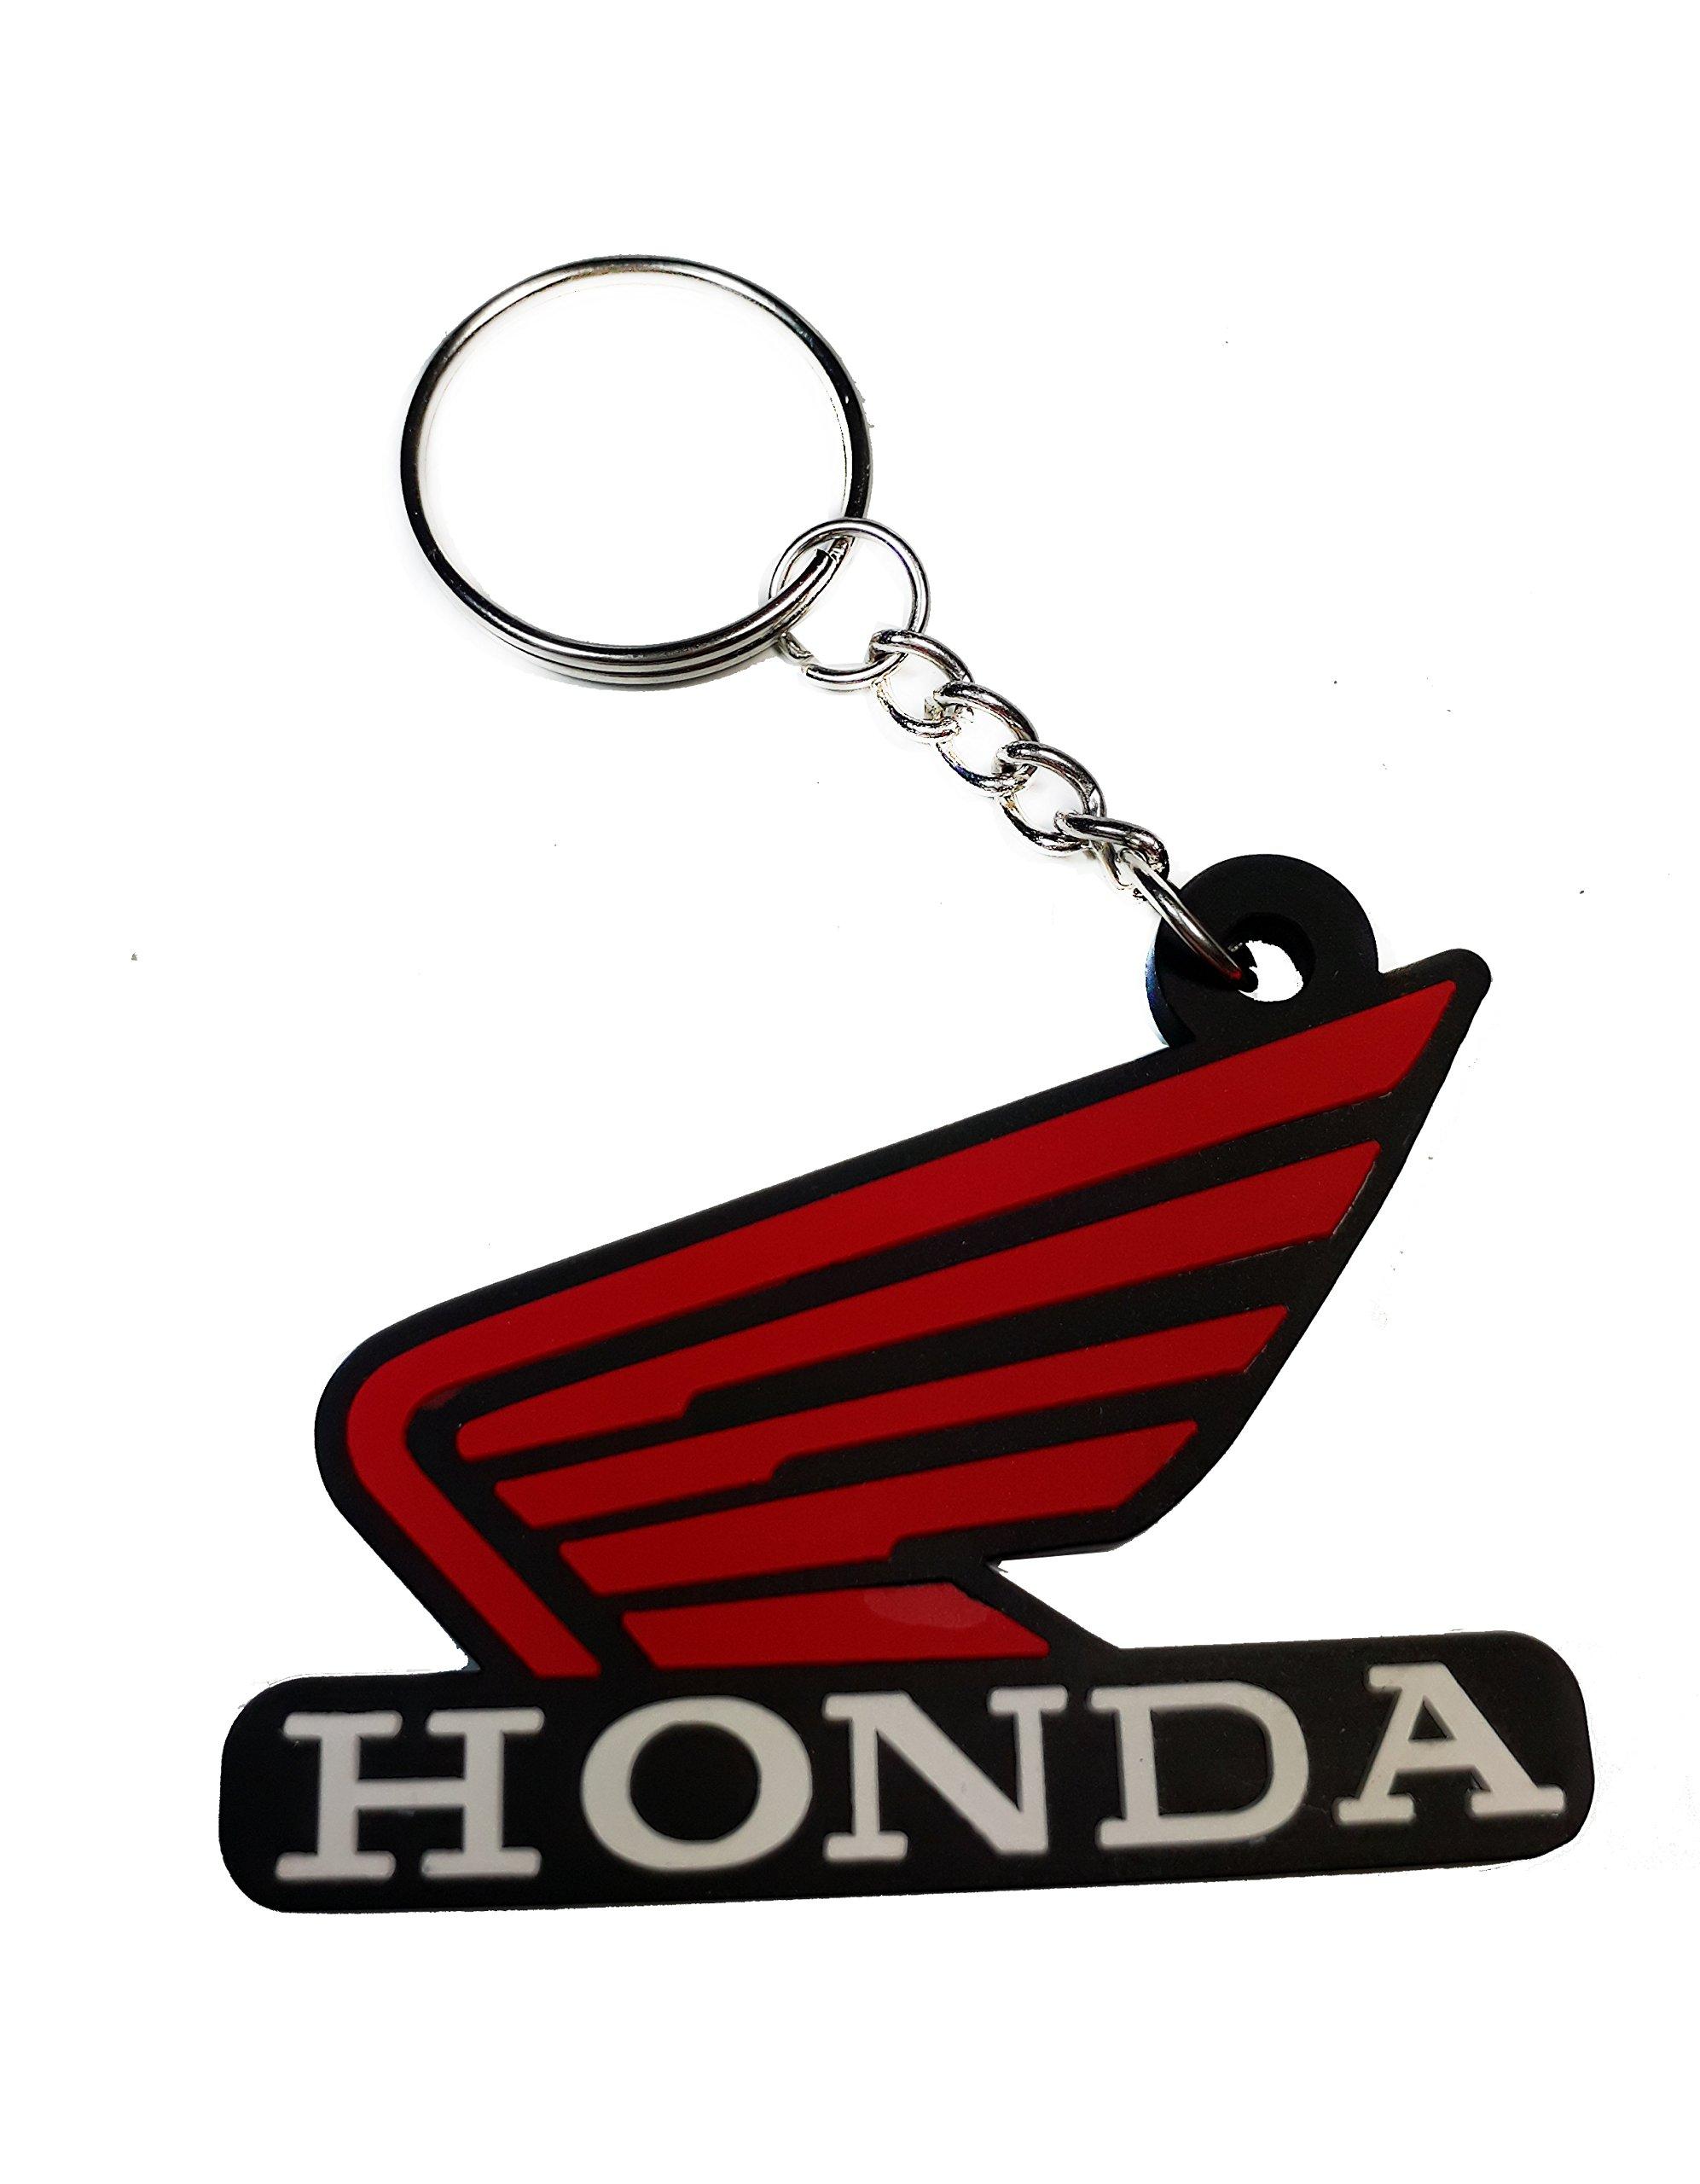 Honda Ridgeline Satin-Chrome Valet Key Fob Authentic Logo Key Chain Key Ring Keychain Lanyard